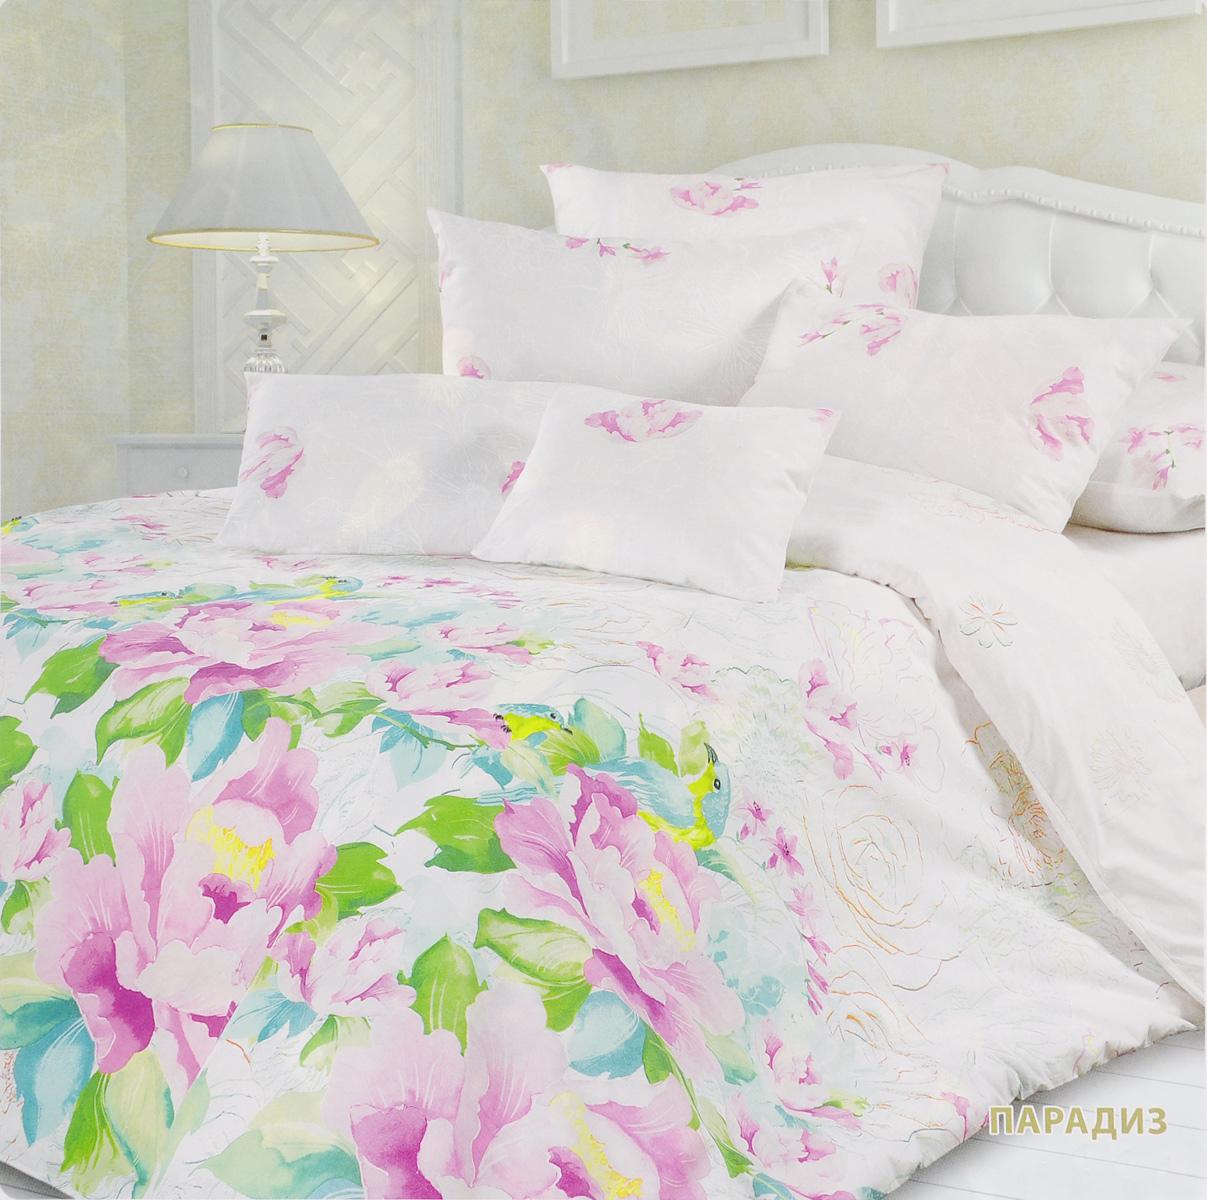 Комплект белья Унисон Парадиз, евро, наволочки 70х70, цвет: белый, розовый, зеленый297242Комплект постельного белья Унисон Парадиз состоит из пододеяльника, простыни и двух наволочек. Постельное белье оформлено оригинальным ярким изображением цветов. Такой дизайн придется по душе каждому. Белье изготовлено из новой ткани Биоматин, отвечающей всем необходимым нормативным стандартам. Биоматин - это ткань полотняного переплетения, из экологически чистого и натурального 100% хлопка. Неоспоримым плюсом белья из такой ткани является мягкость и легкость, она прекрасно пропускает воздух, приятна на ощупь и за ней легко ухаживать. При соблюдении рекомендаций по уходу, это белье выдерживает много стирок, не линяет и не теряет свою первоначальную прочность. Уникальная ткань обеспечивает легкую глажку. Приобретая комплект постельного белья Унисон Парадиз, вы можете быть уверенны в том, что покупка доставит вам и вашим близким удовольствие и подарит максимальный комфорт.